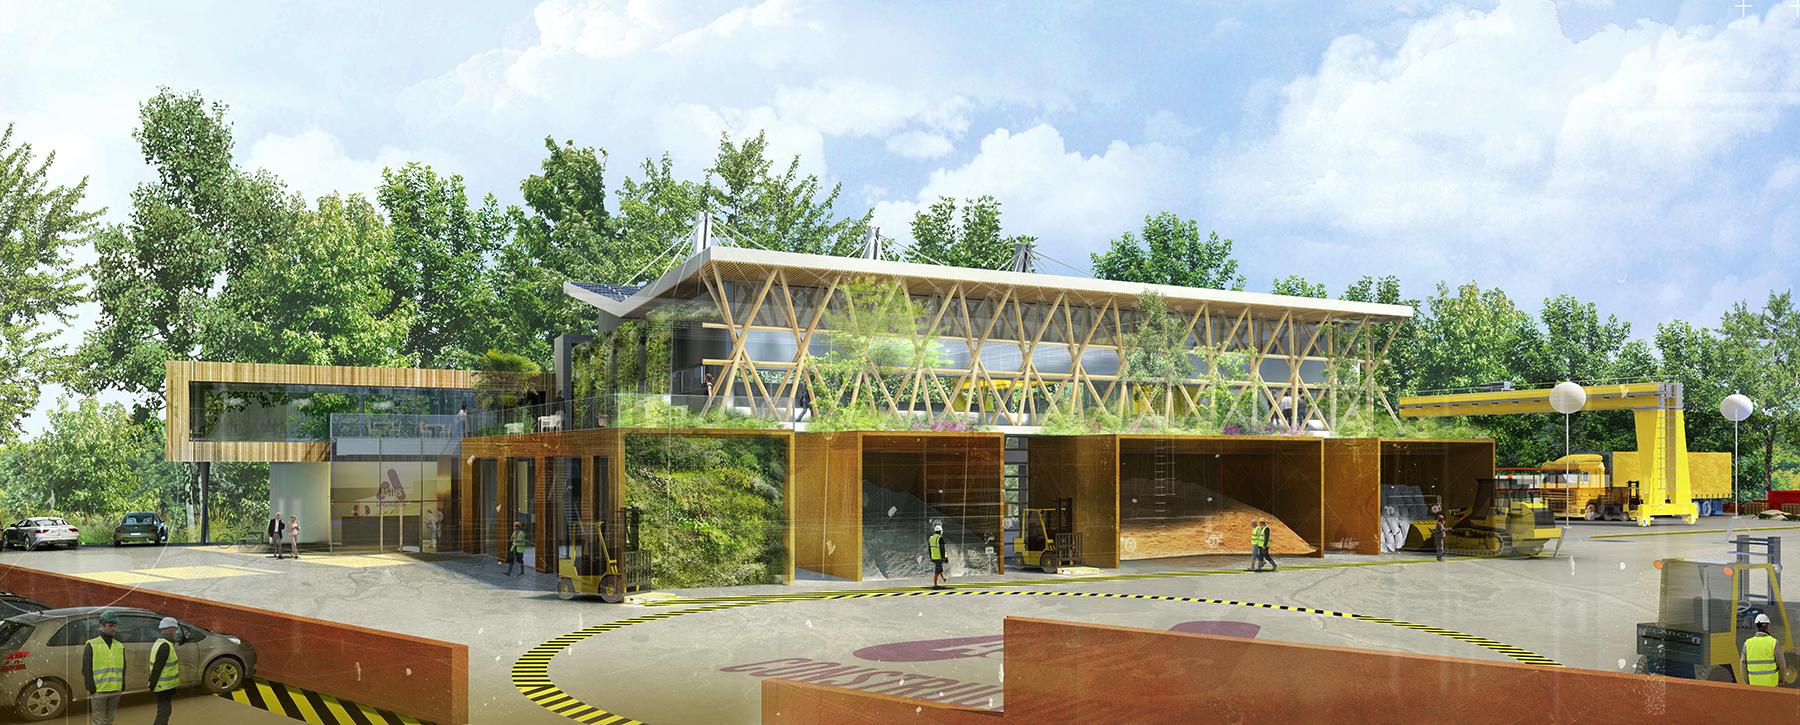 INTERSENS - CR&ON Architectes - Ateliers - Villefontaine - Image d'Architecture 3D